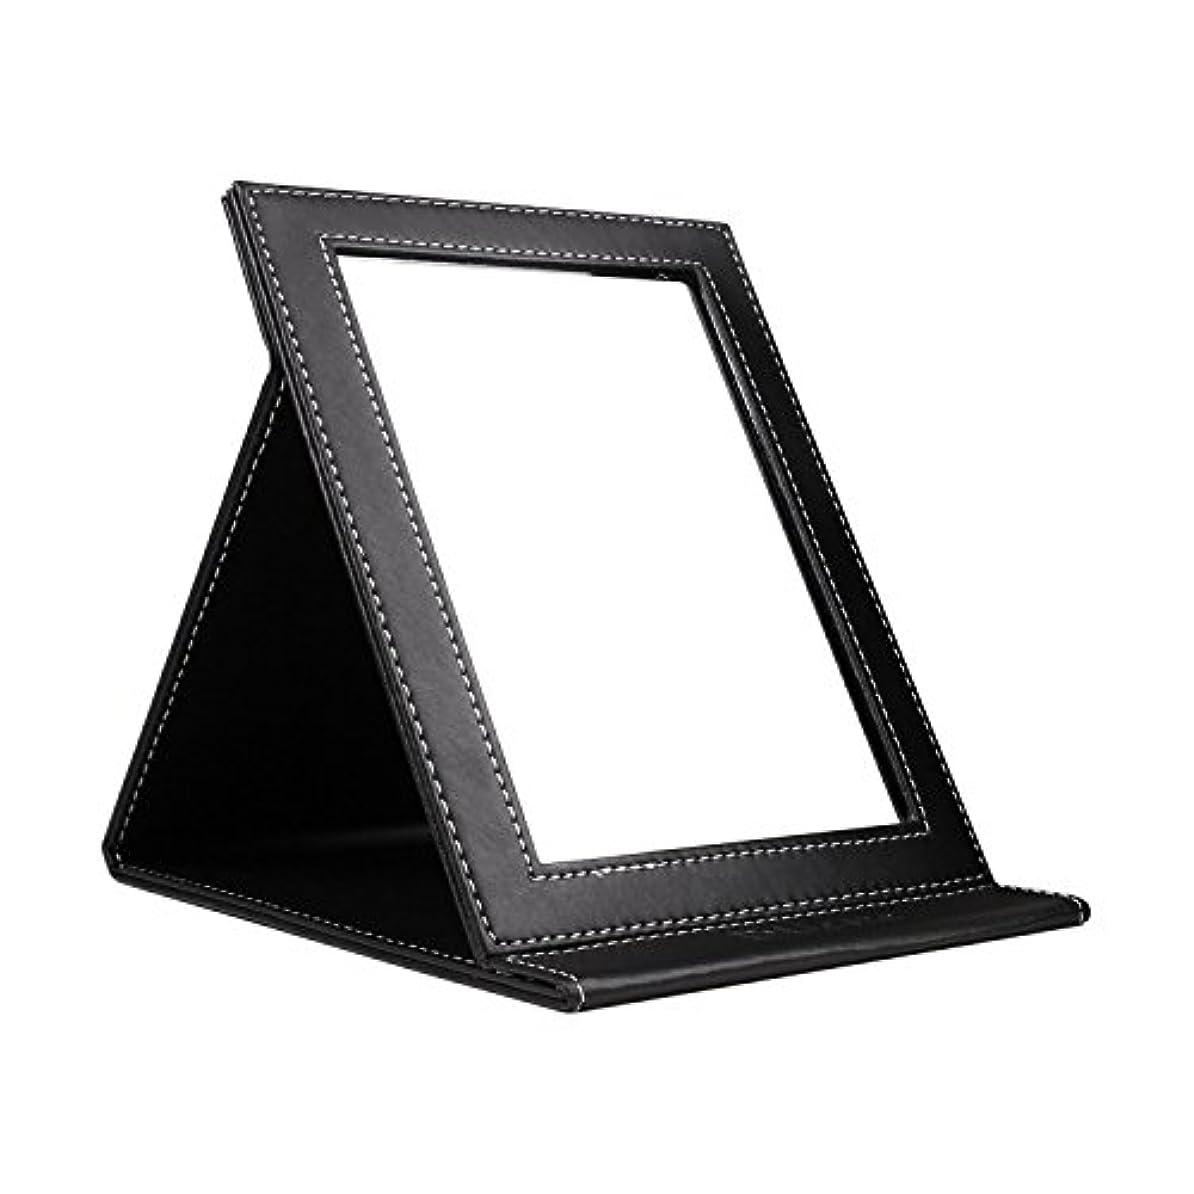 DUcare ドゥケア 化粧鏡 スタンドミラー 折りたたみ式 角度調整自由自在 上質PUレザー使用